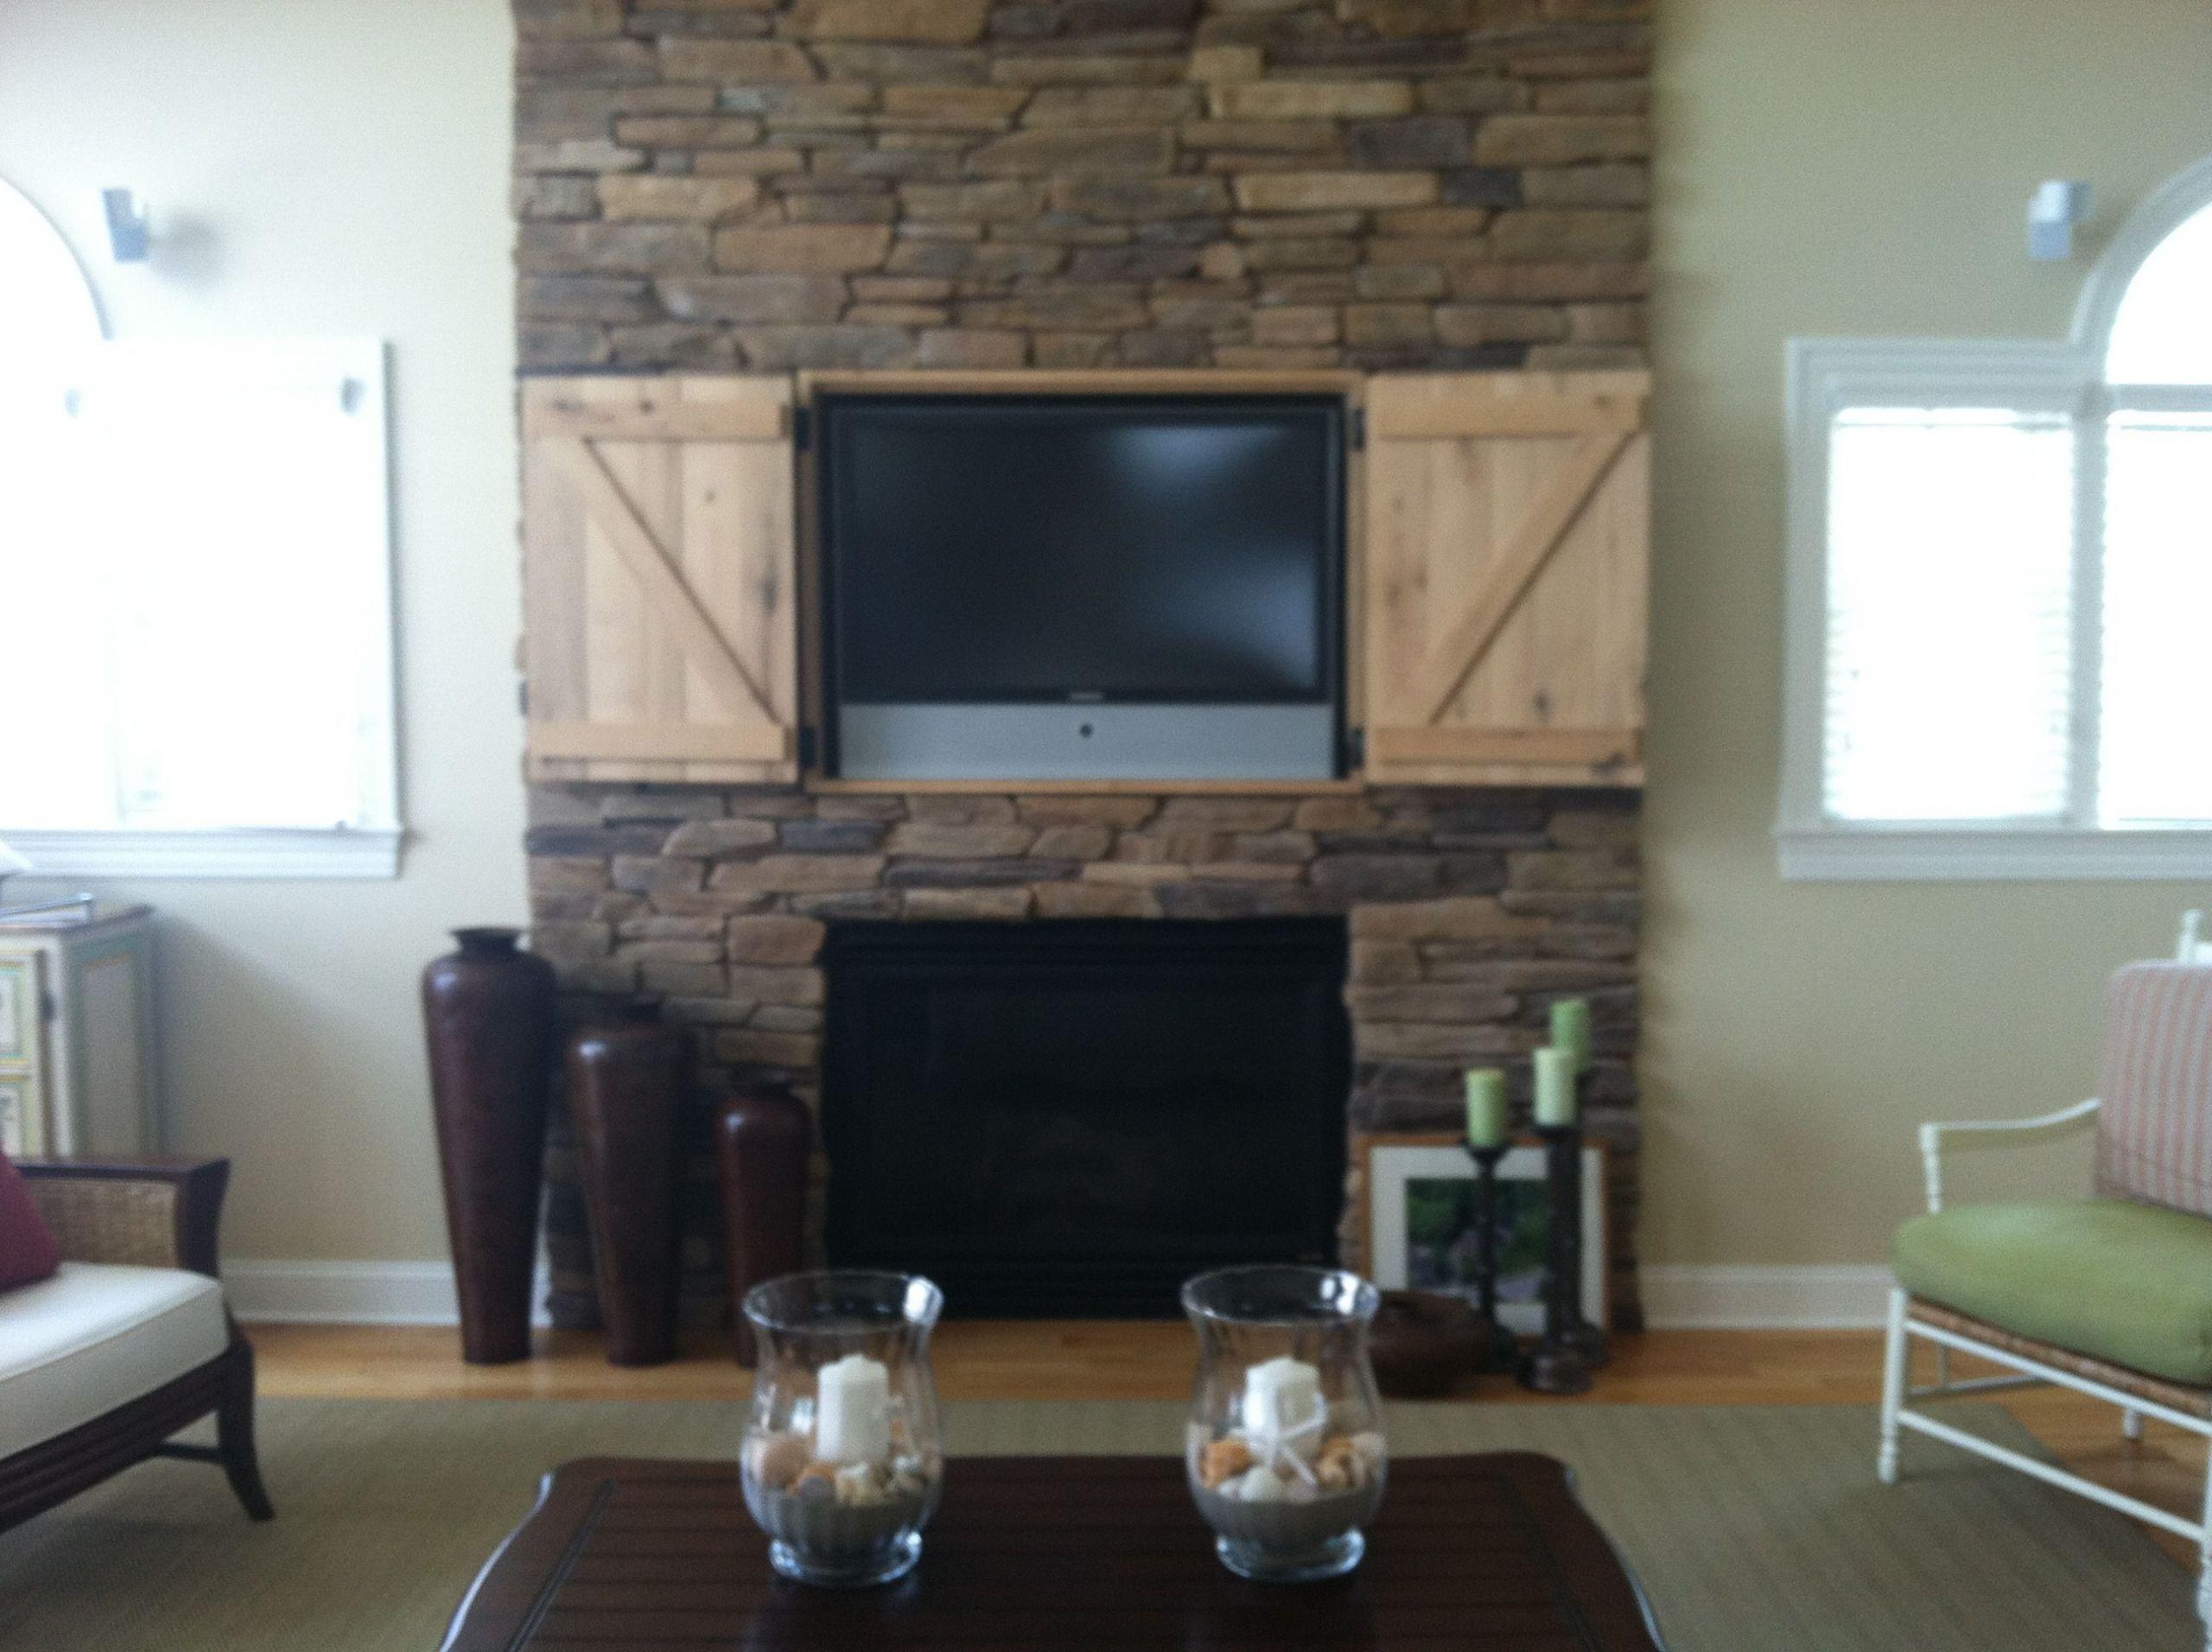 Gas Fireplace Ideas with Tv Above Fresh Hidden Tv Over Fireplace Open Doors